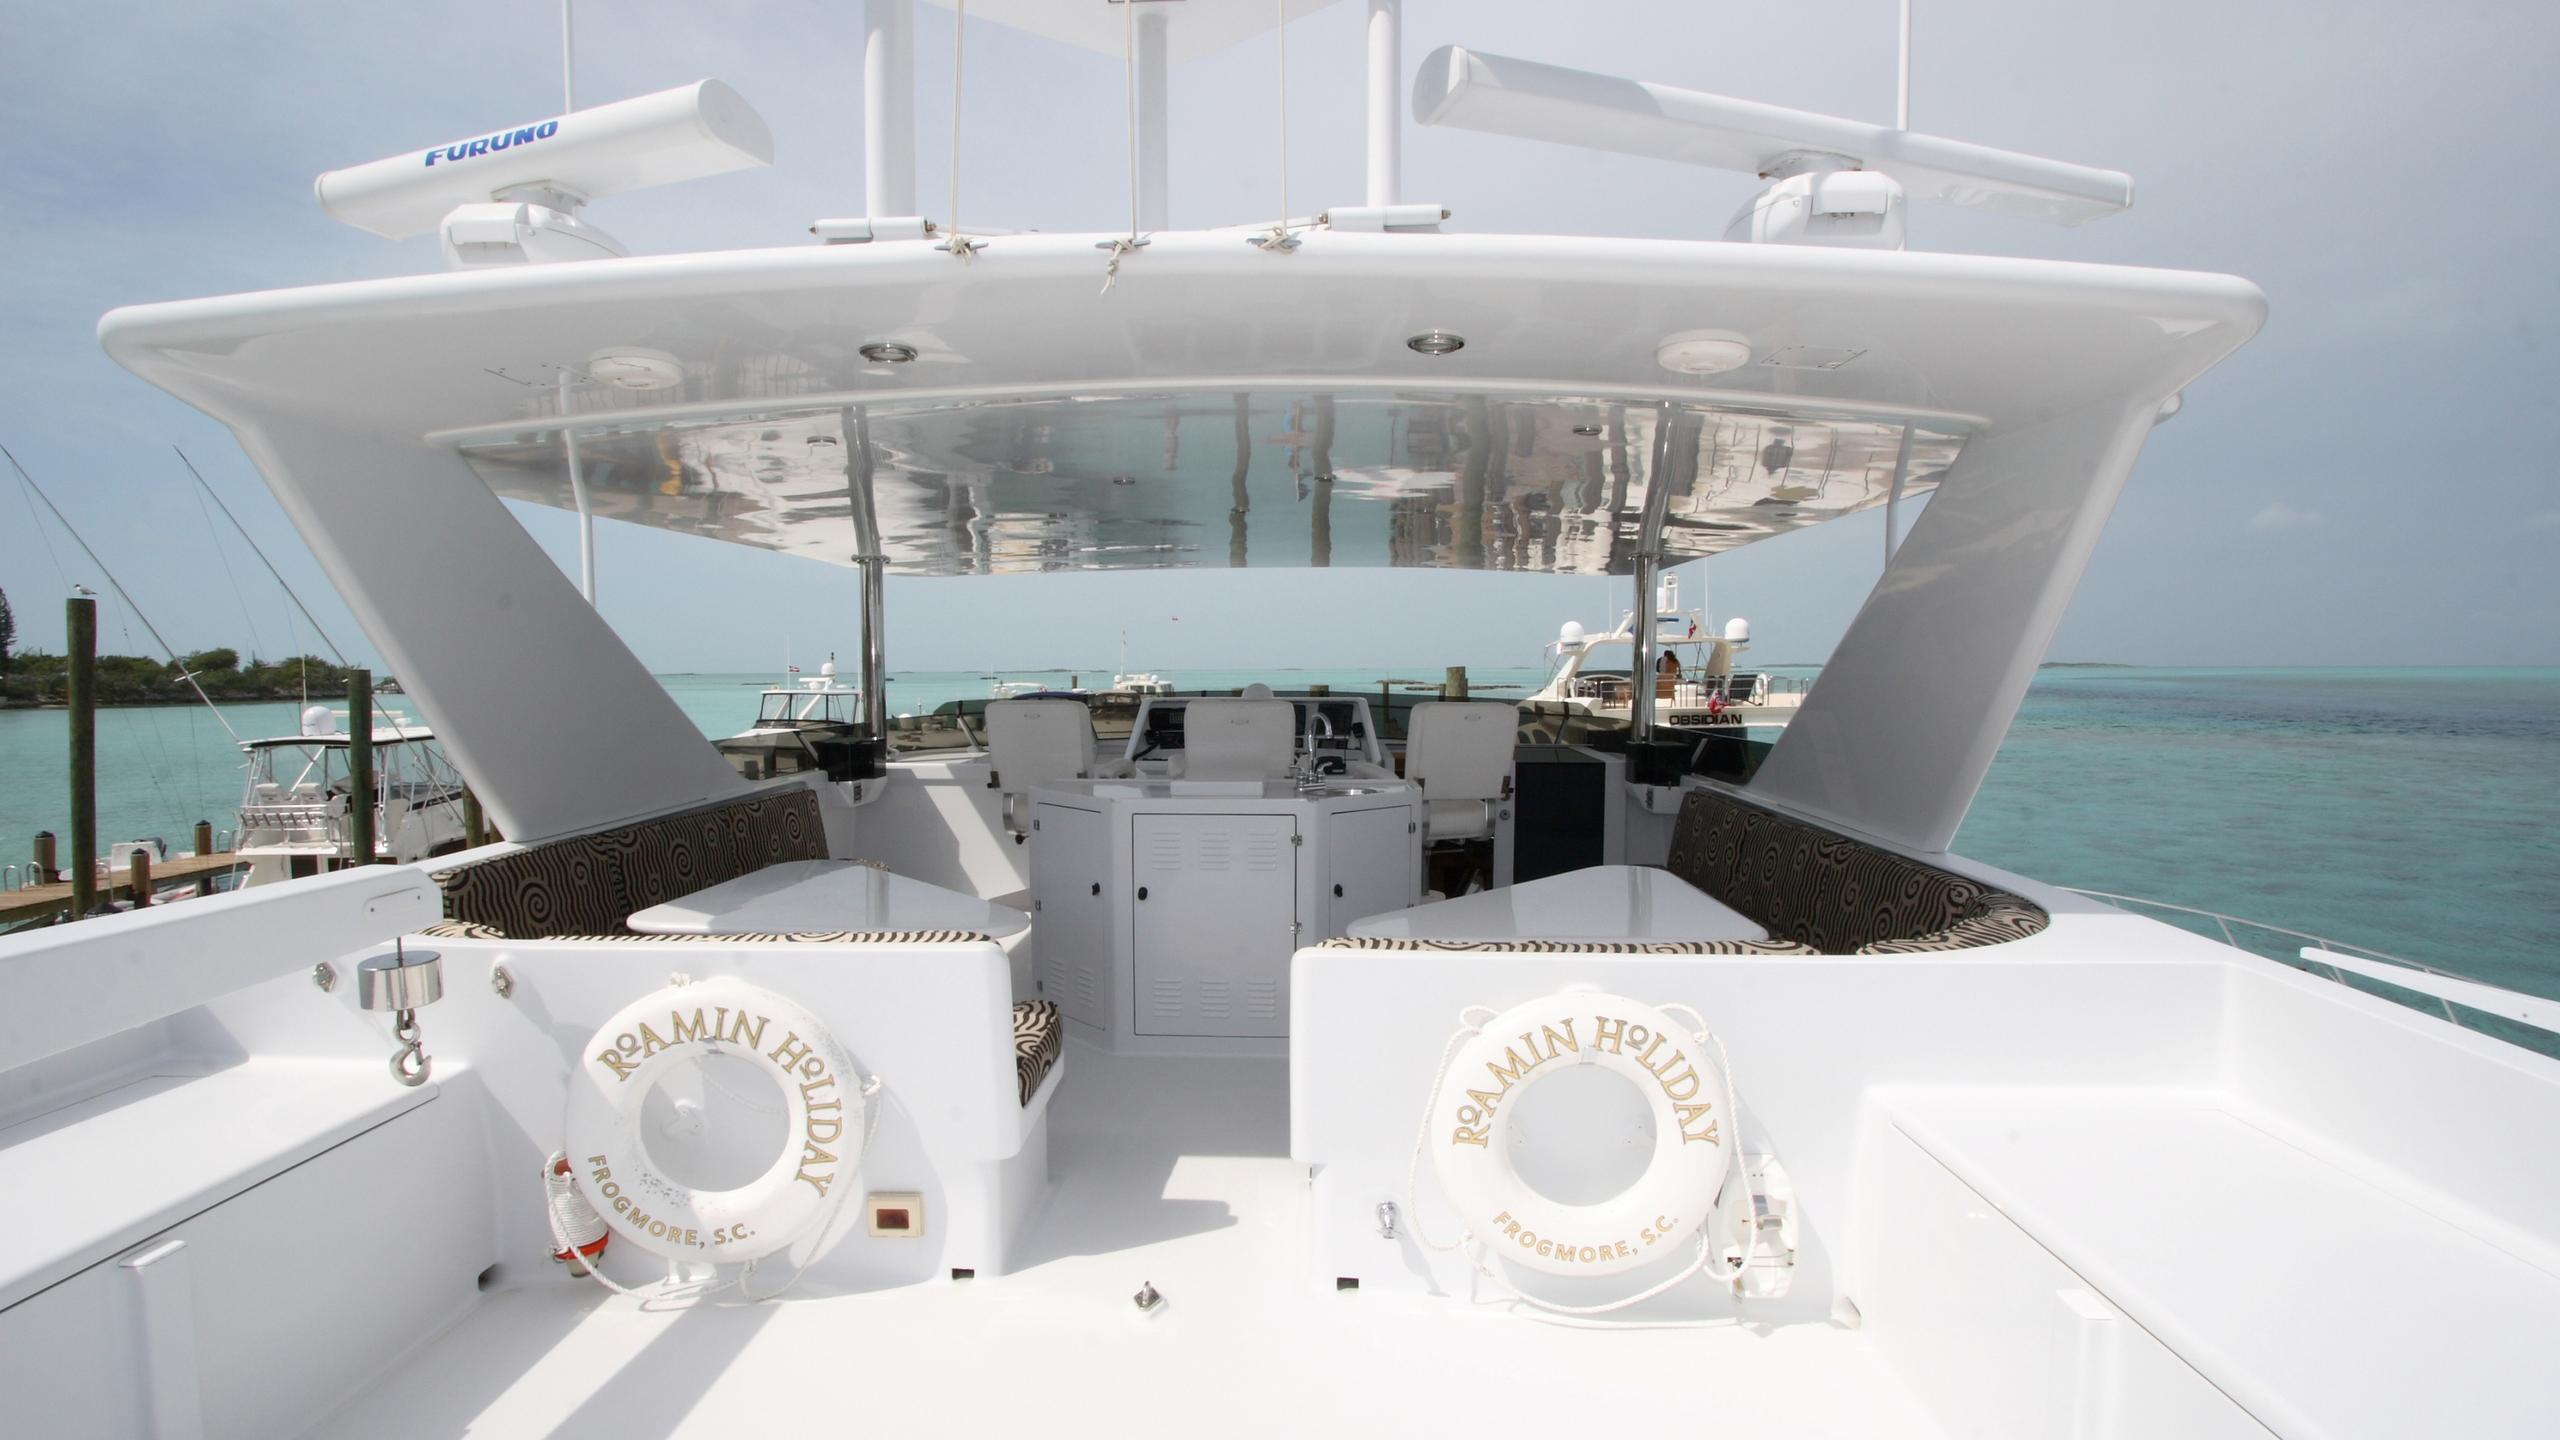 roamin-holiday-yacht-fly-deck